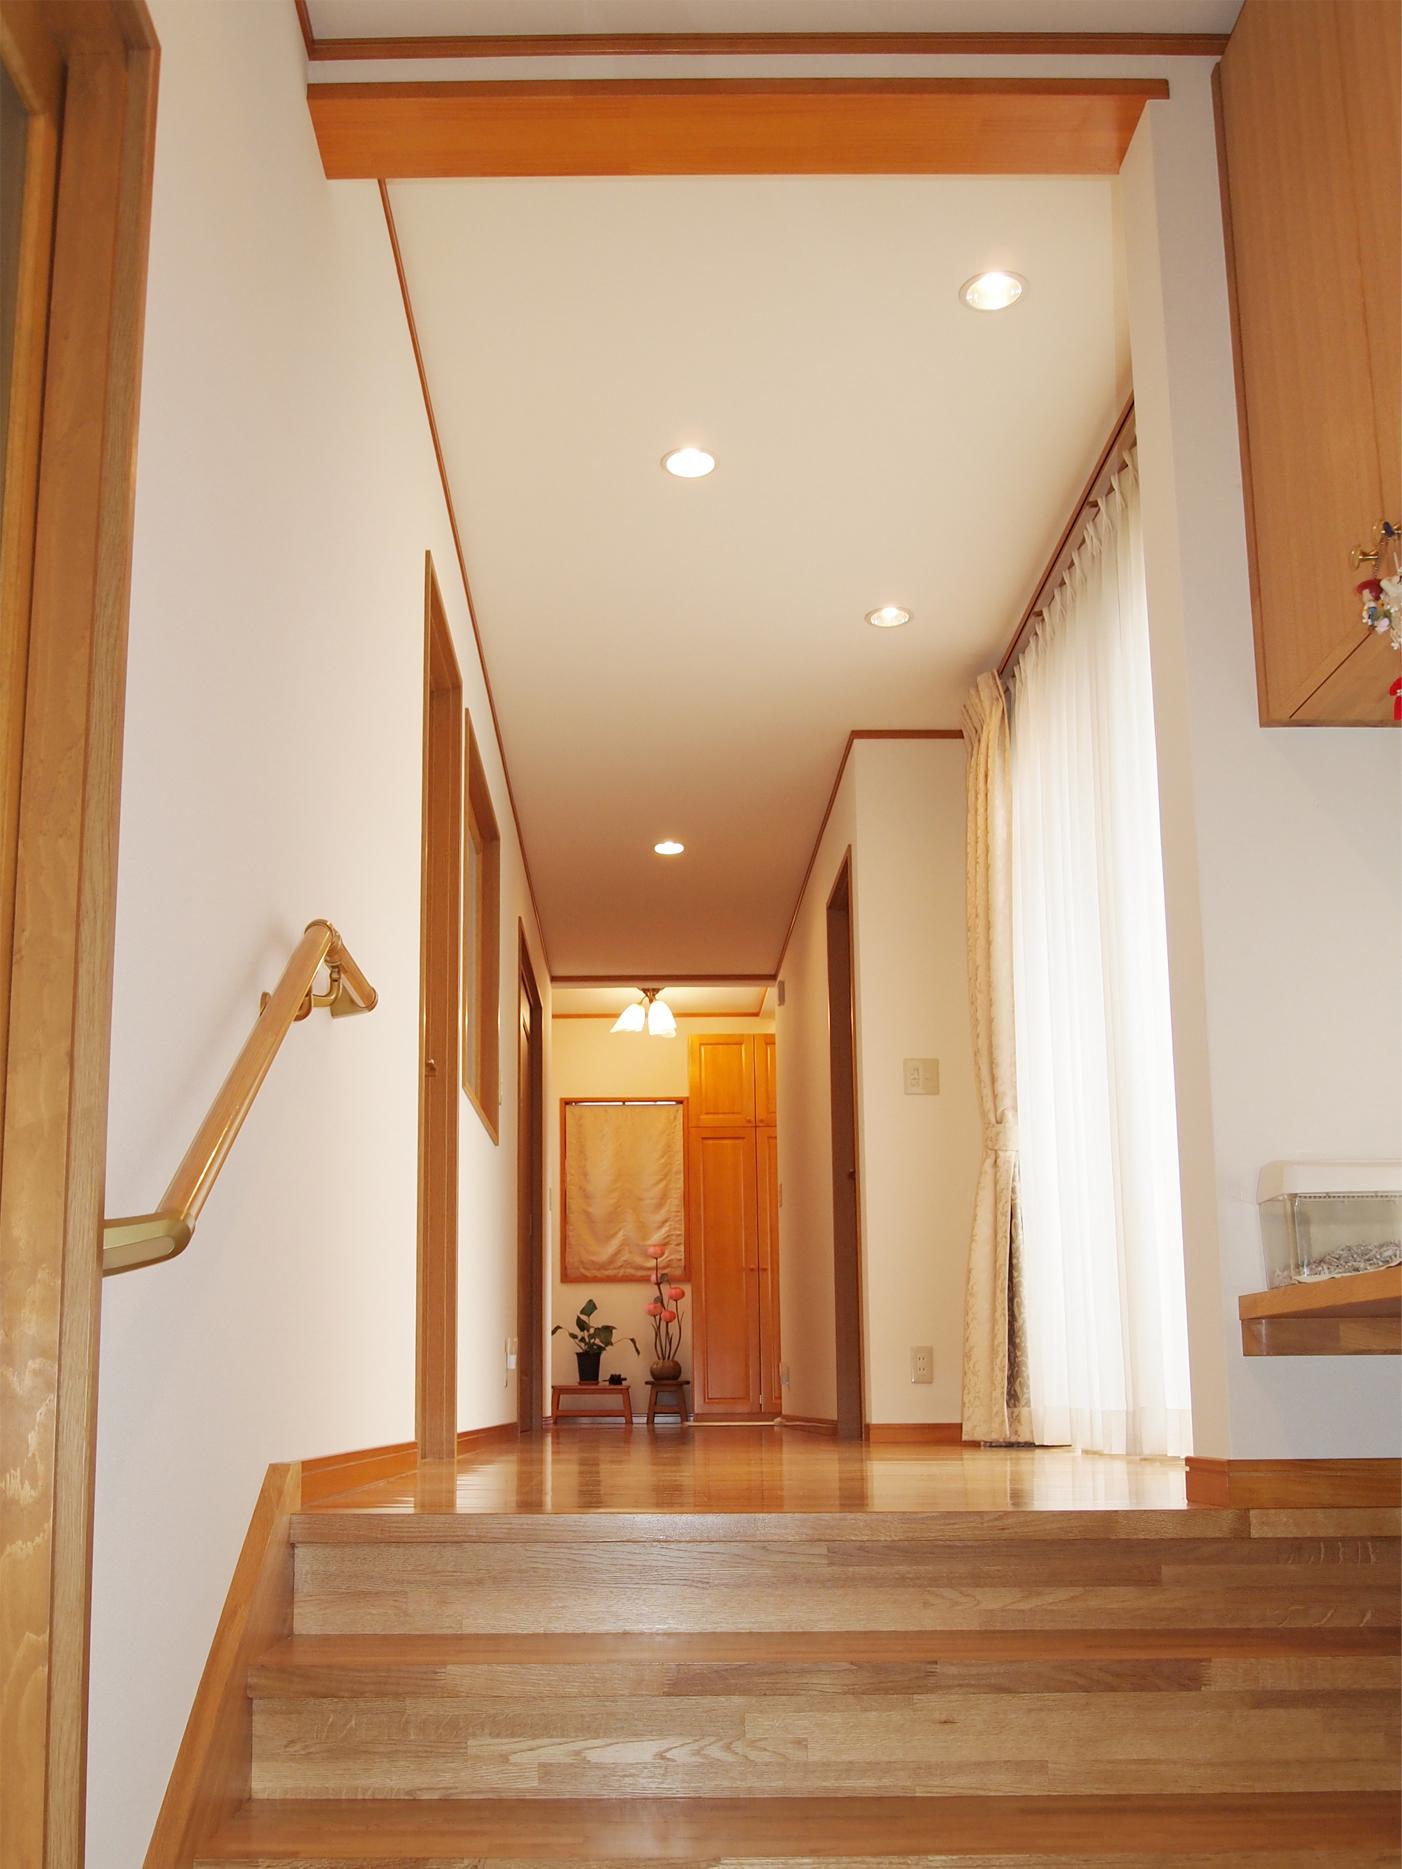 二世帯のそれぞれの寛げる空間を考えた家